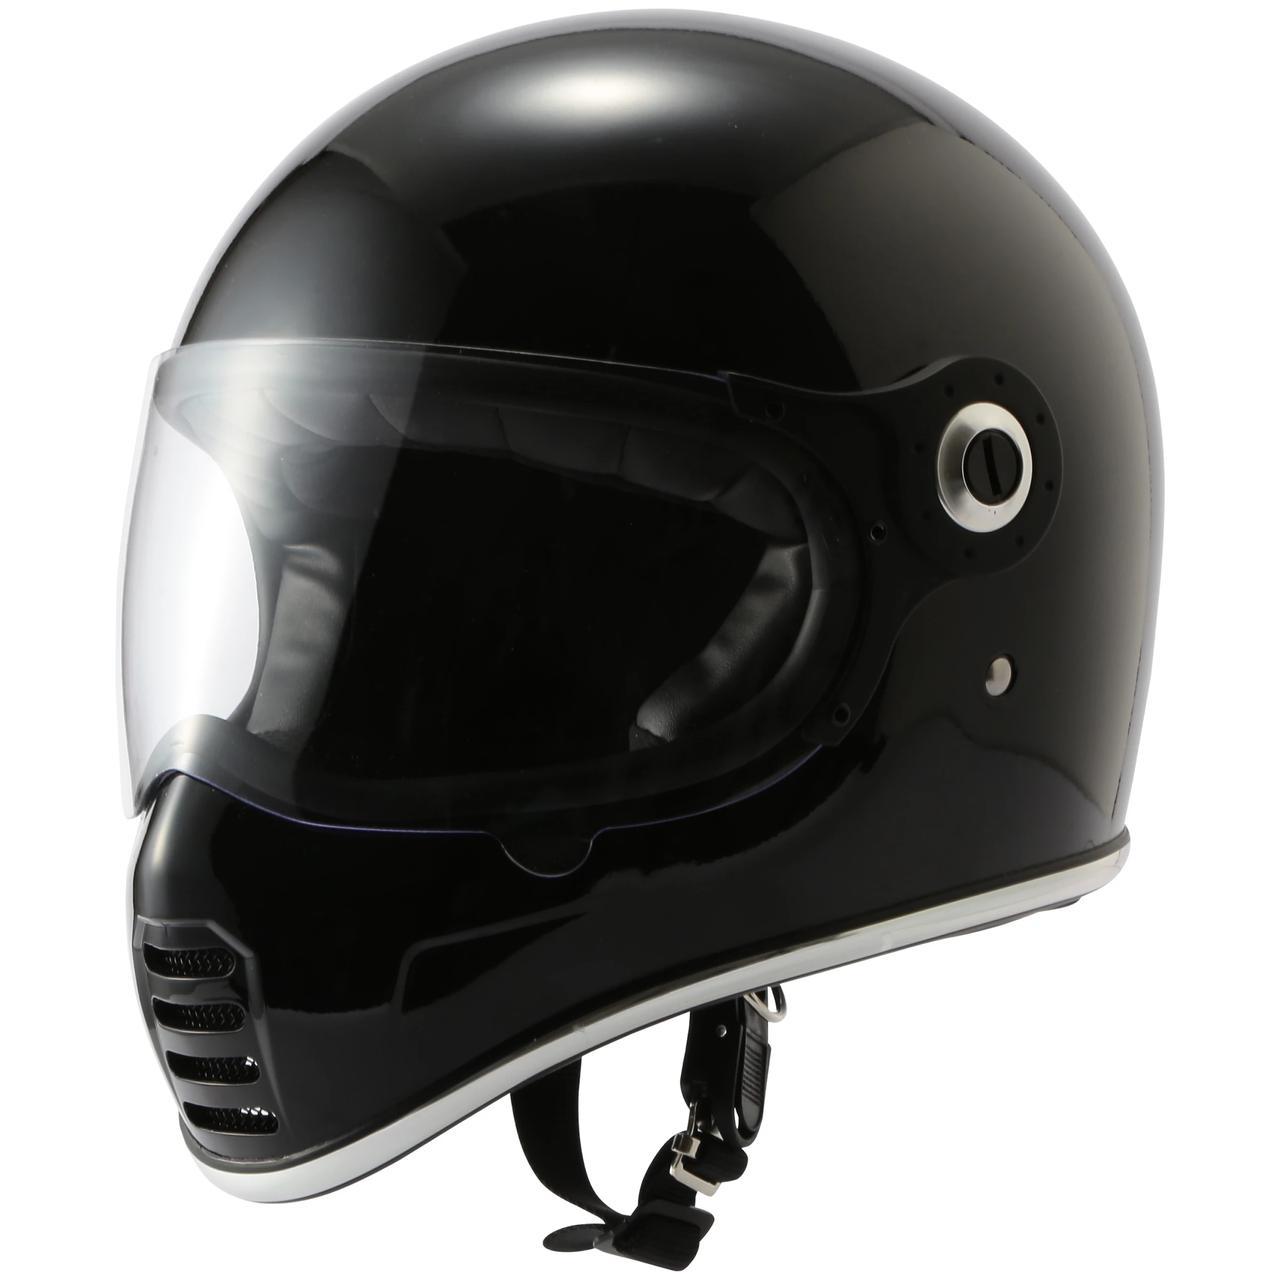 画像13: 【RIDEZ】ネオクラシックヘルメット「XX」(ダブルエックス)が発売開始! 価格も魅力的!